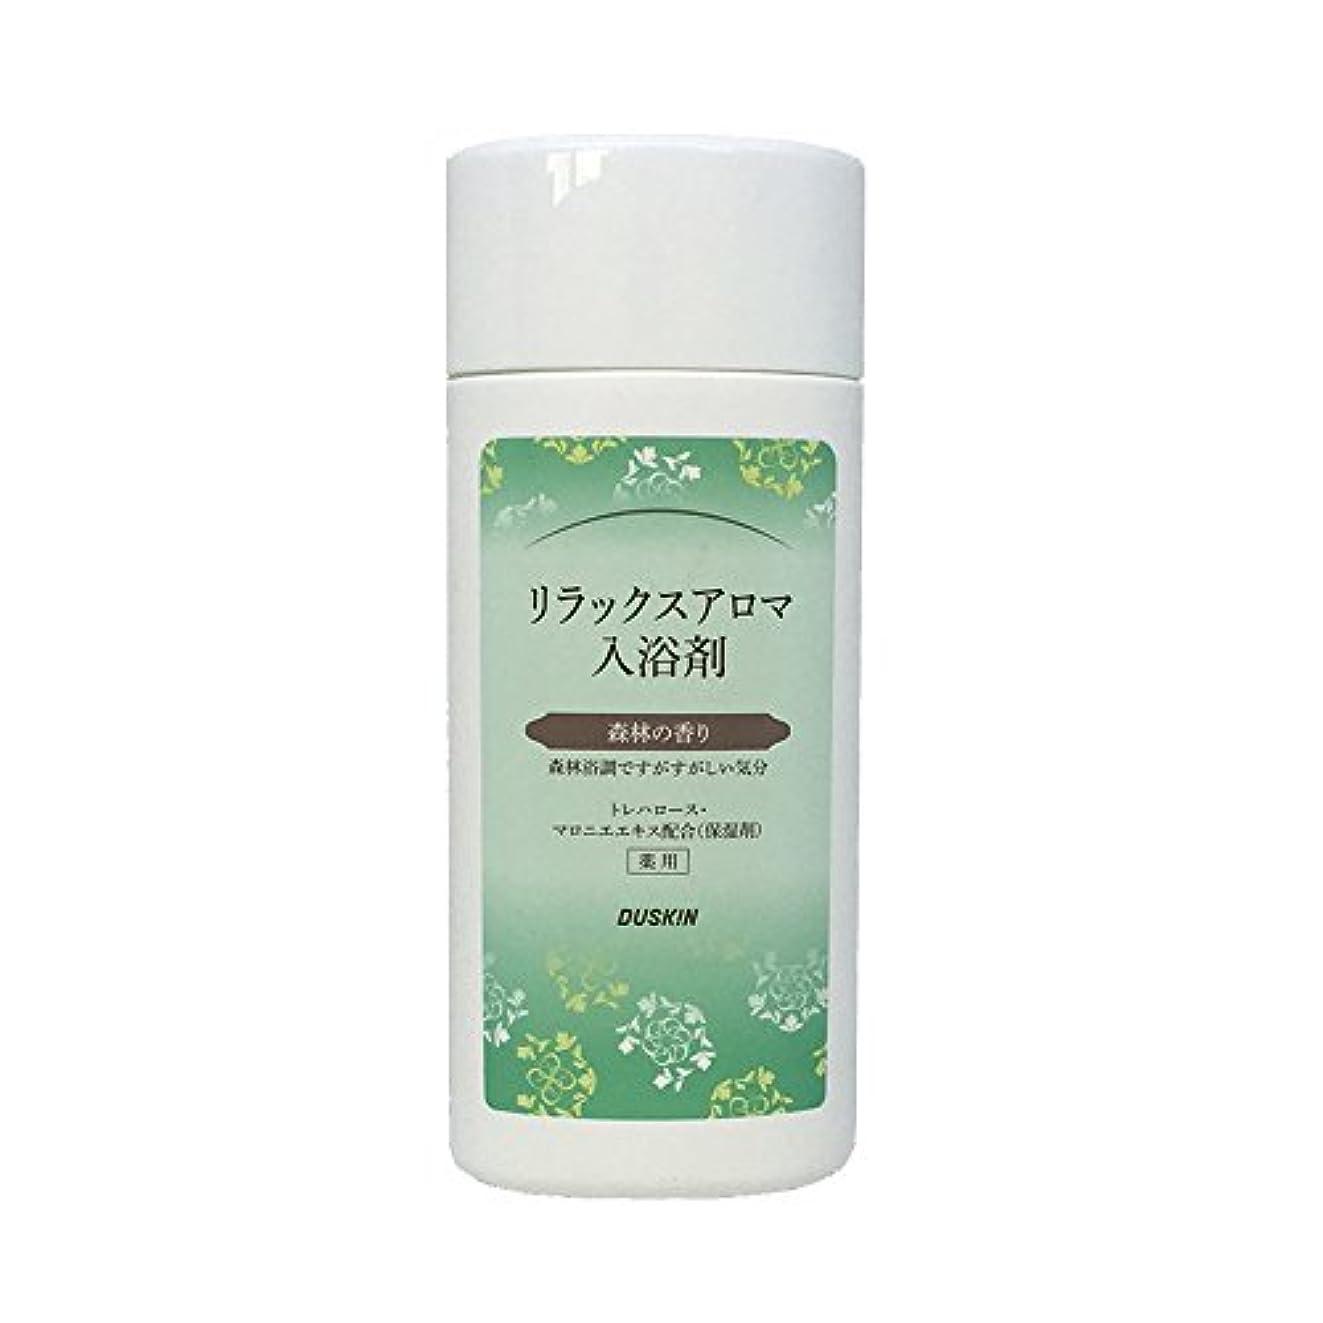 問題省。ダスキン リラックスアロマ入浴剤 森林の香り 濁り湯タイプ300g